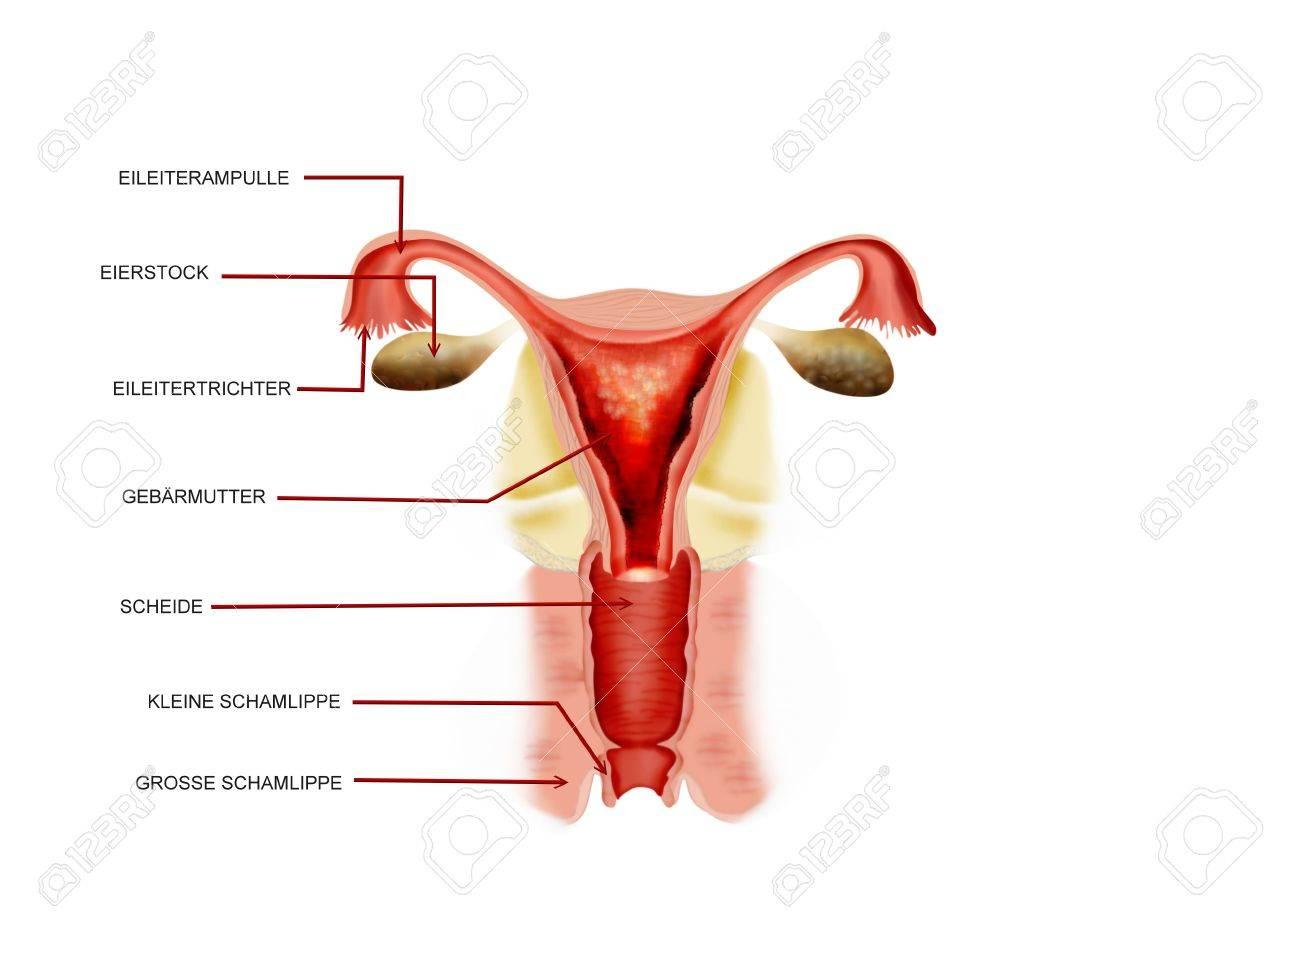 女性の生殖器官 ロイヤリティー...